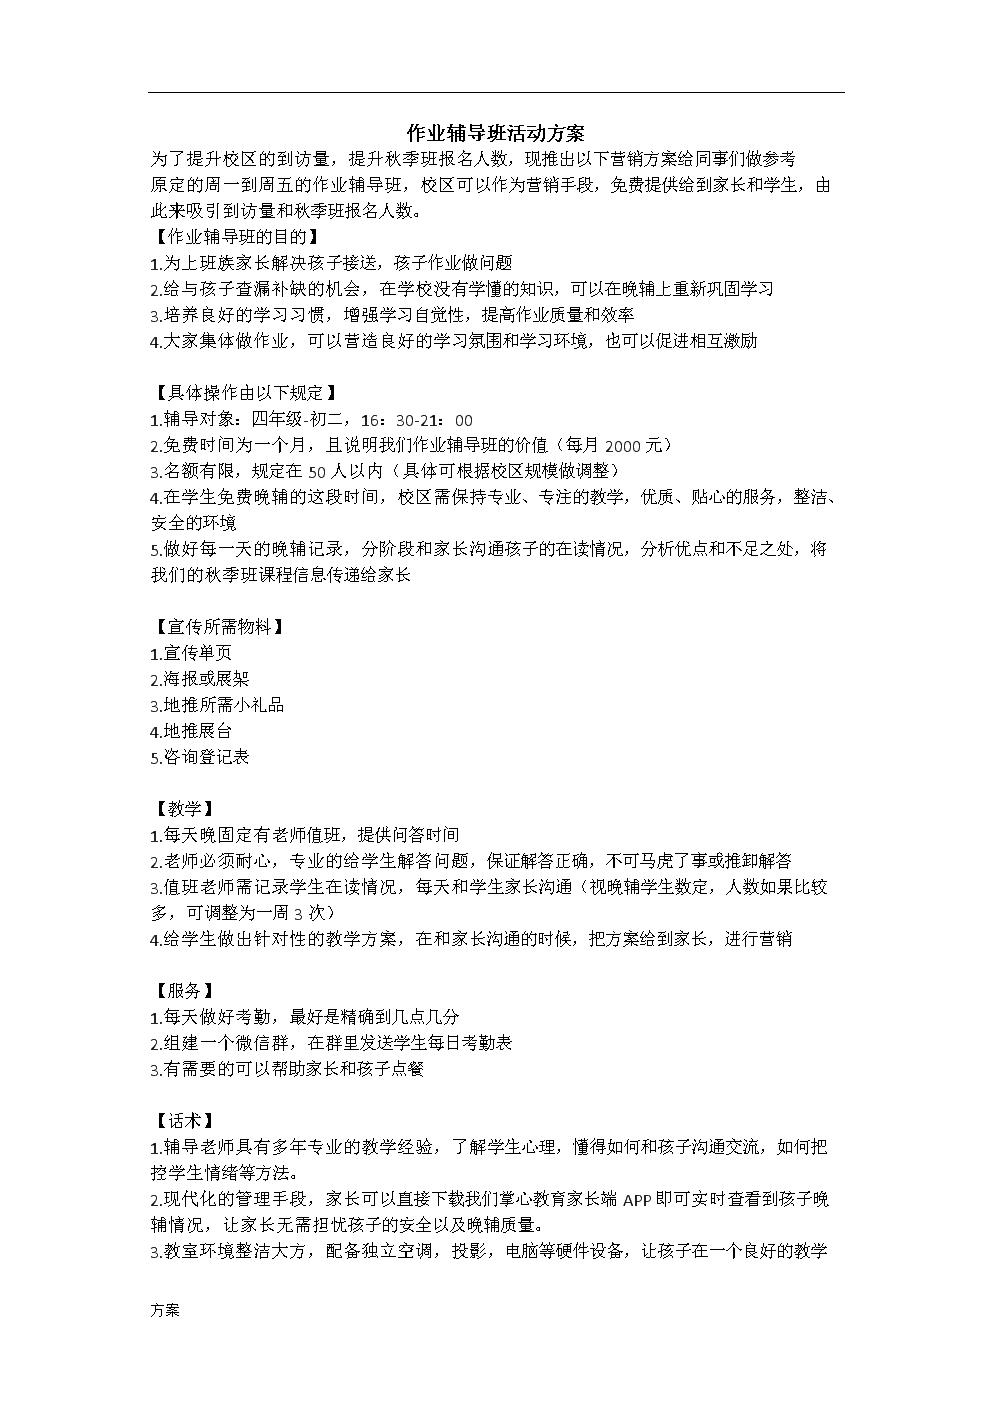 作业辅导班招生的活动方案 (1).doc